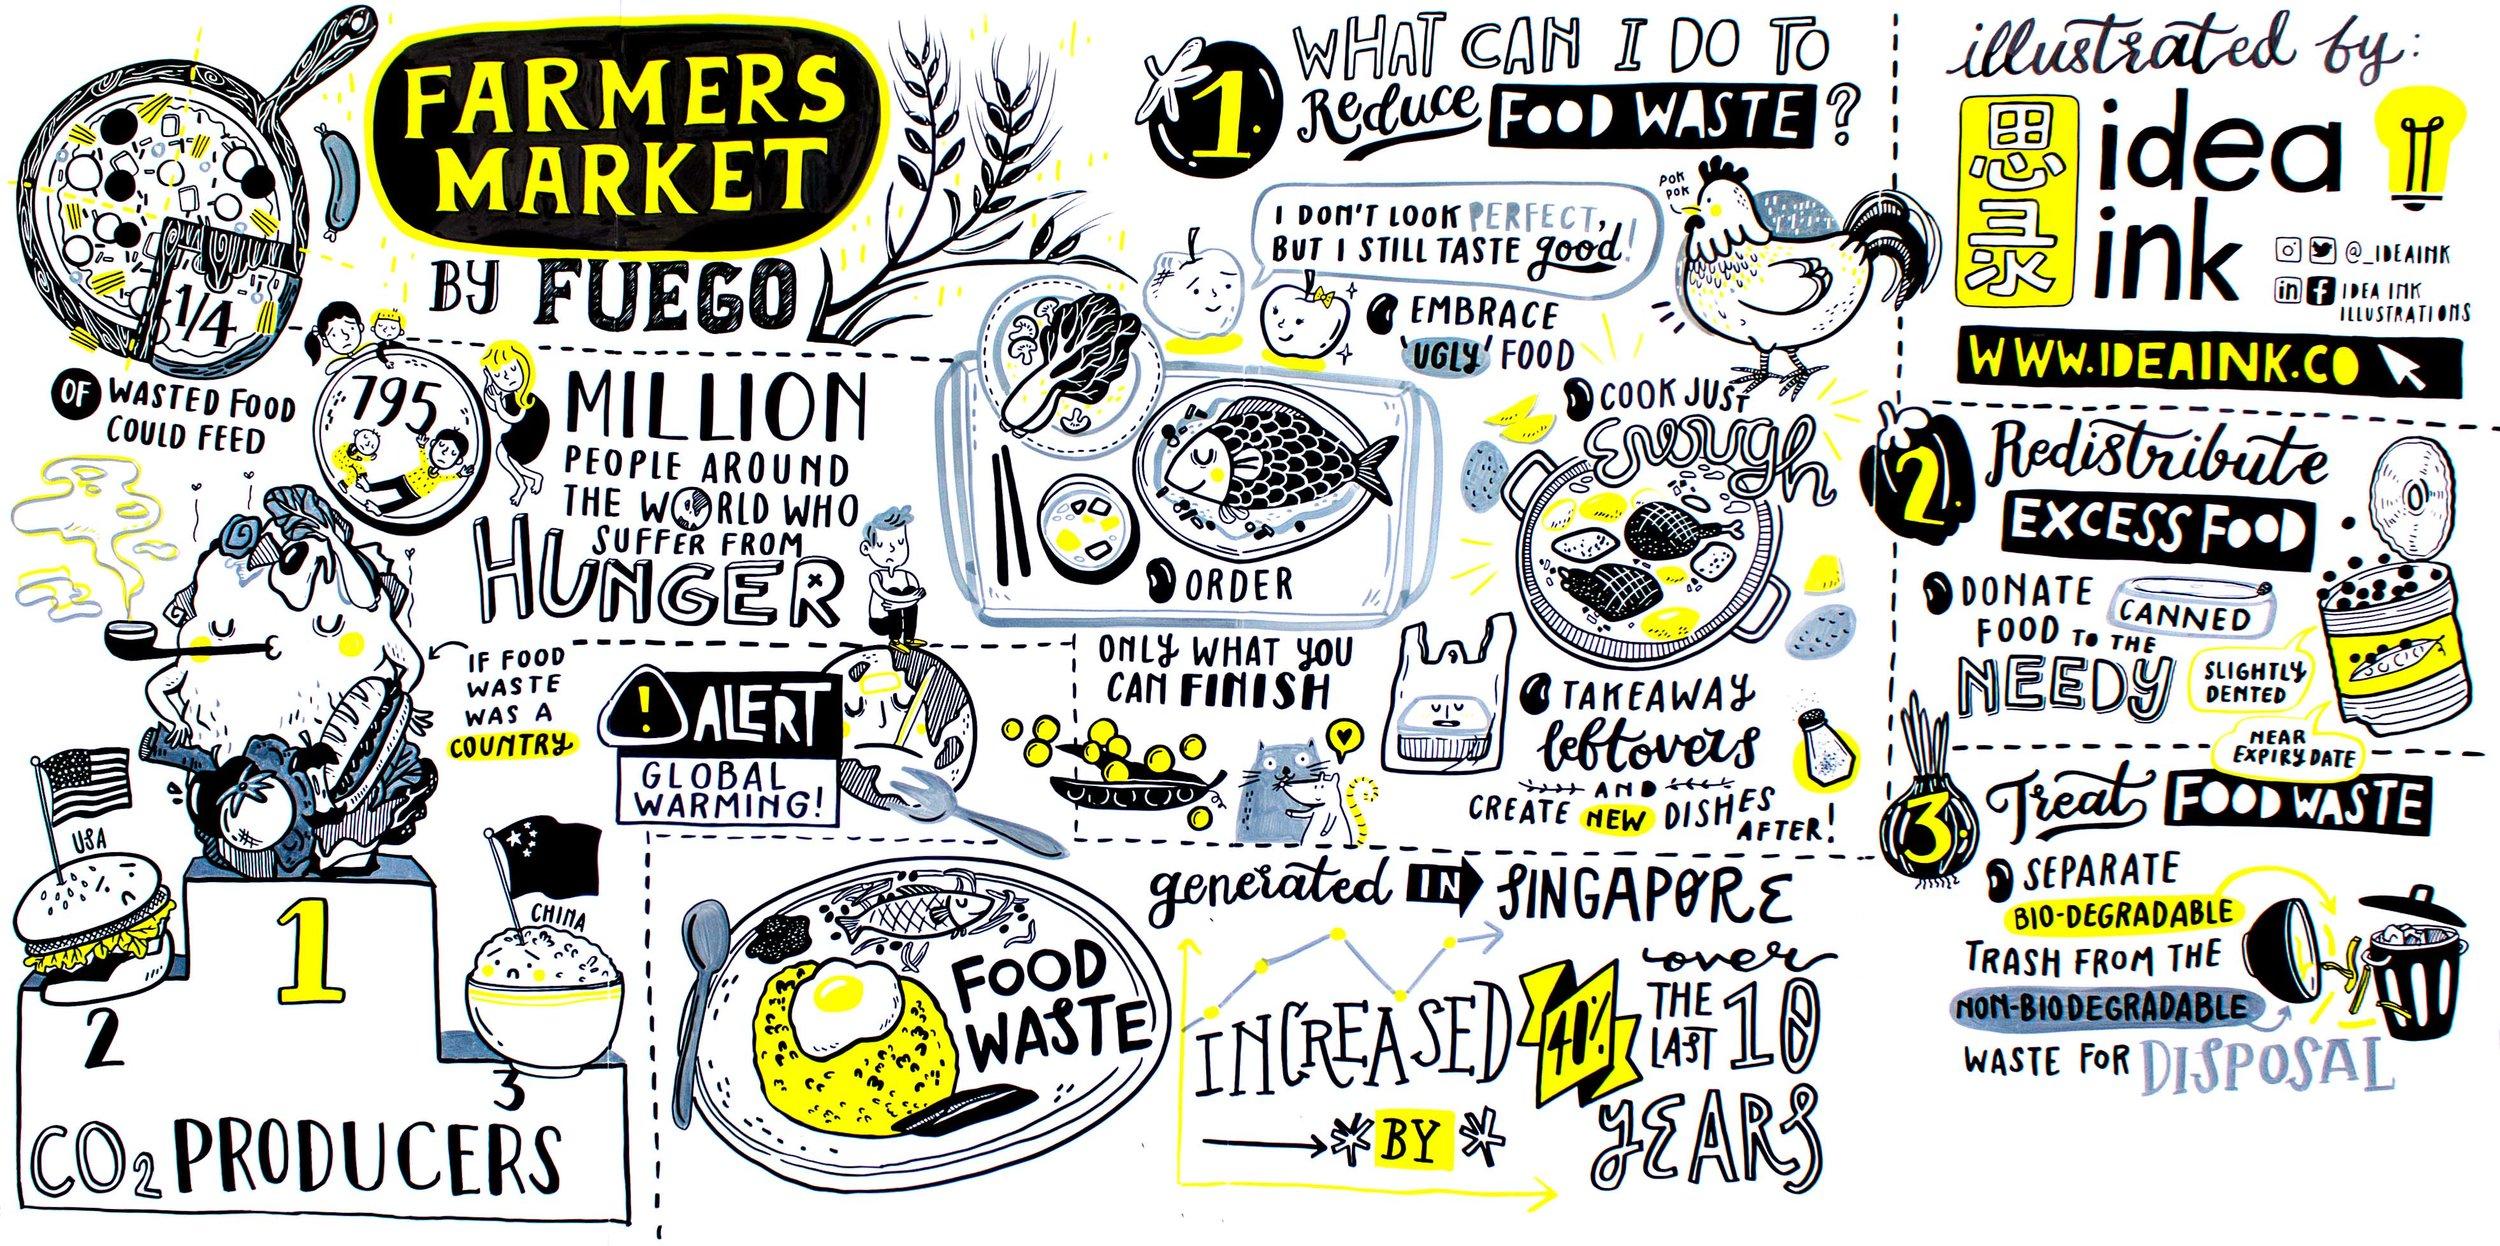 Farmers Market by FUEGO.jpg